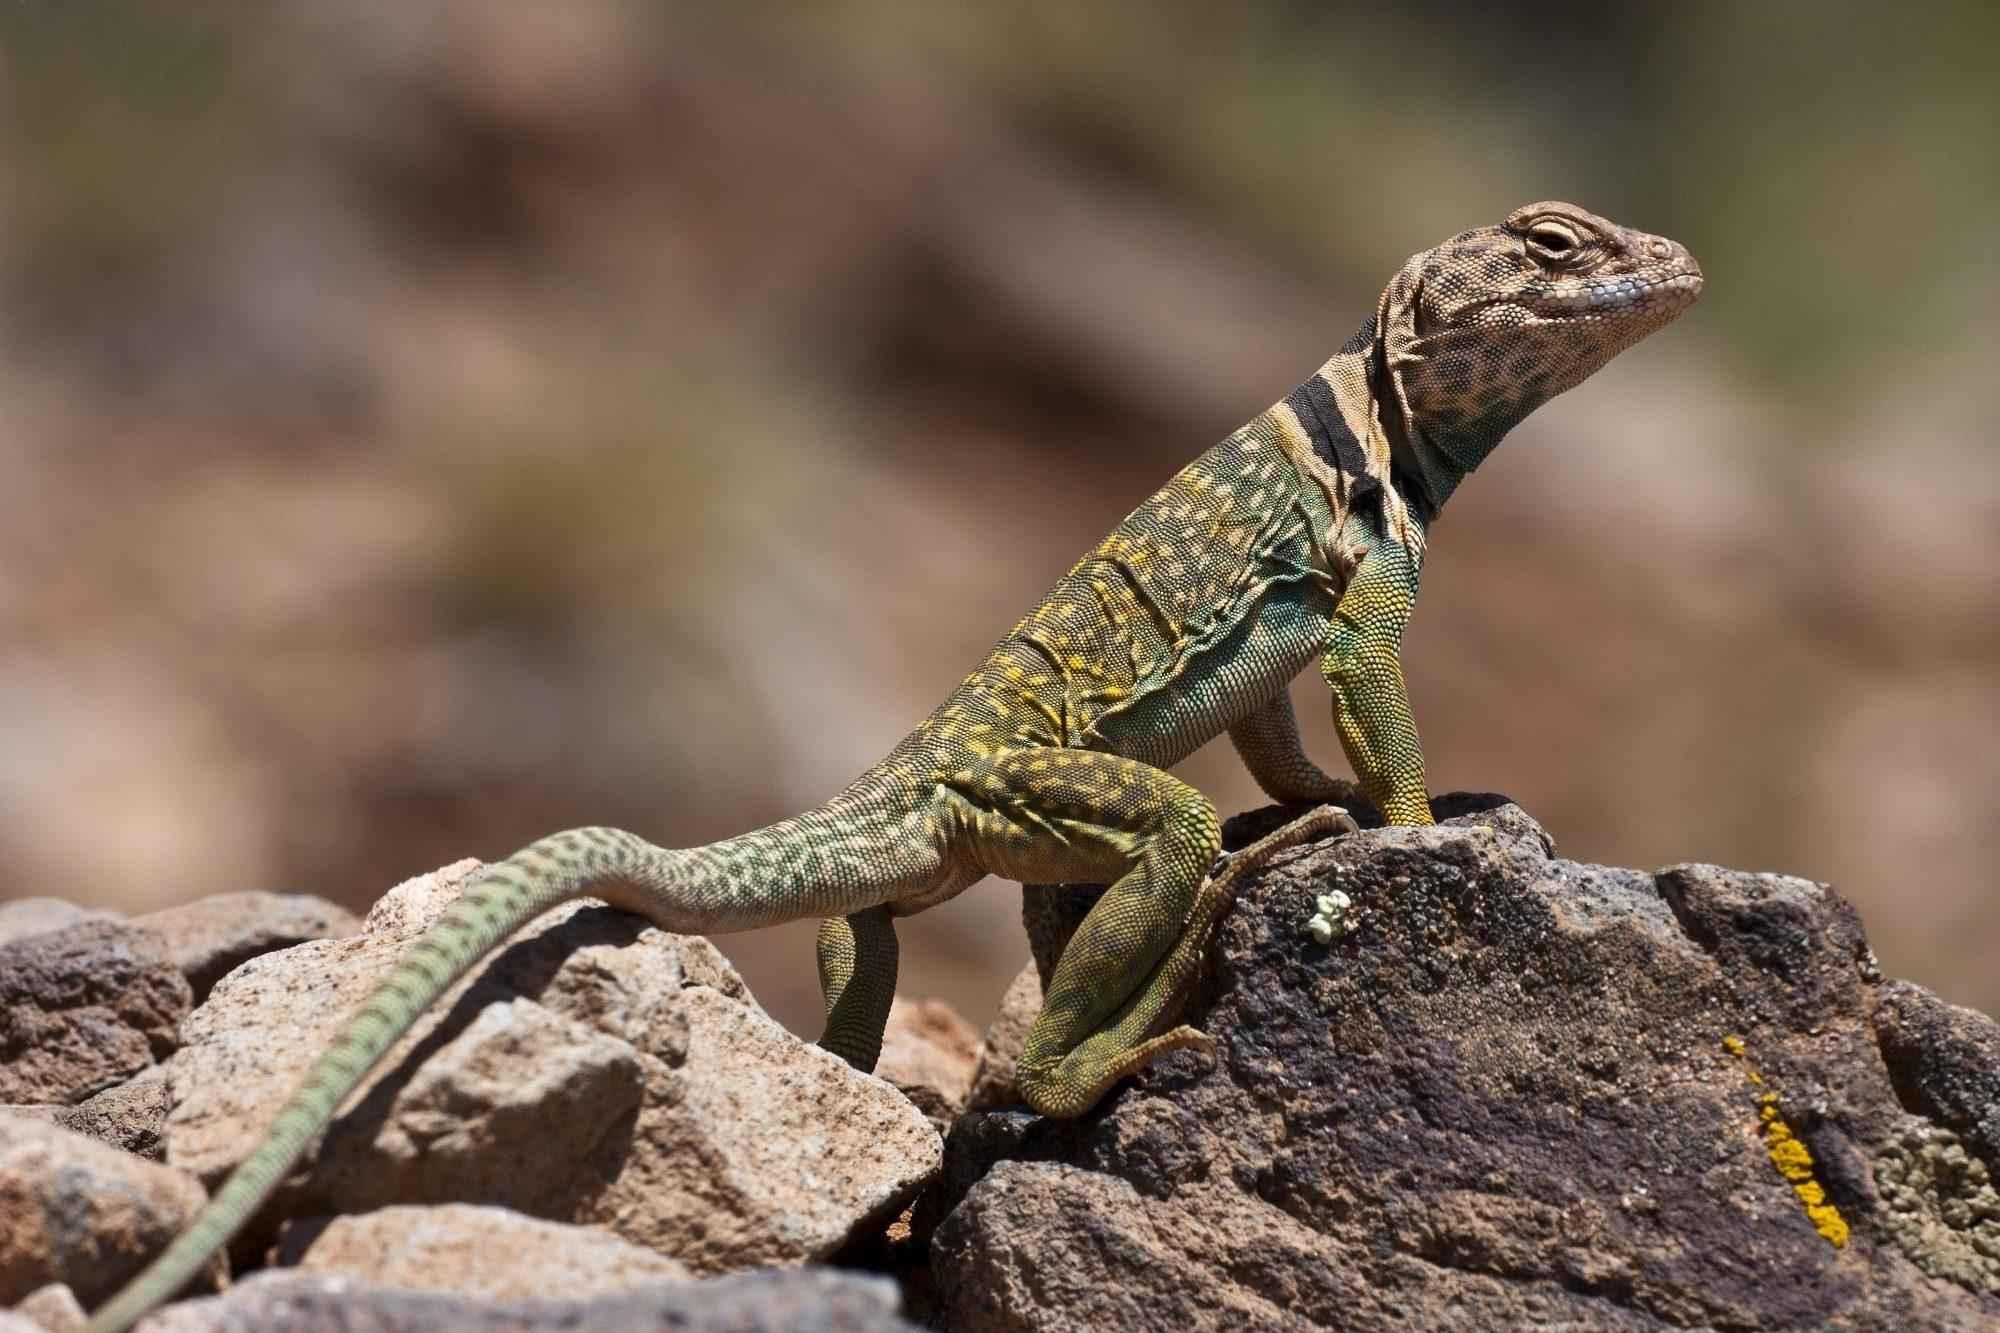 Ошейниковая пустынная игуана, ящерица, камень, рептилия, фауна, природа